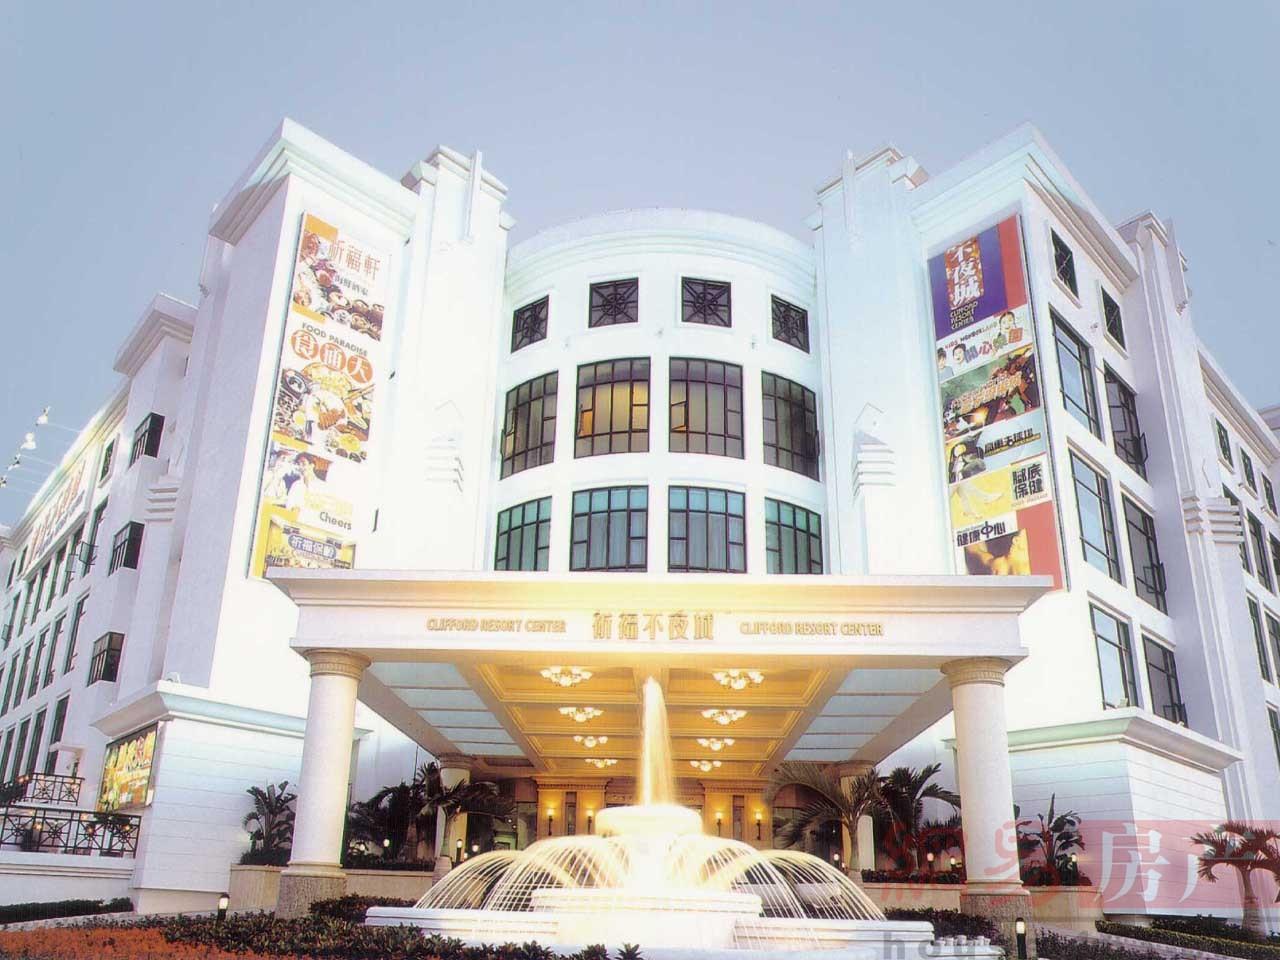 Clifford Resort Center - main entrance